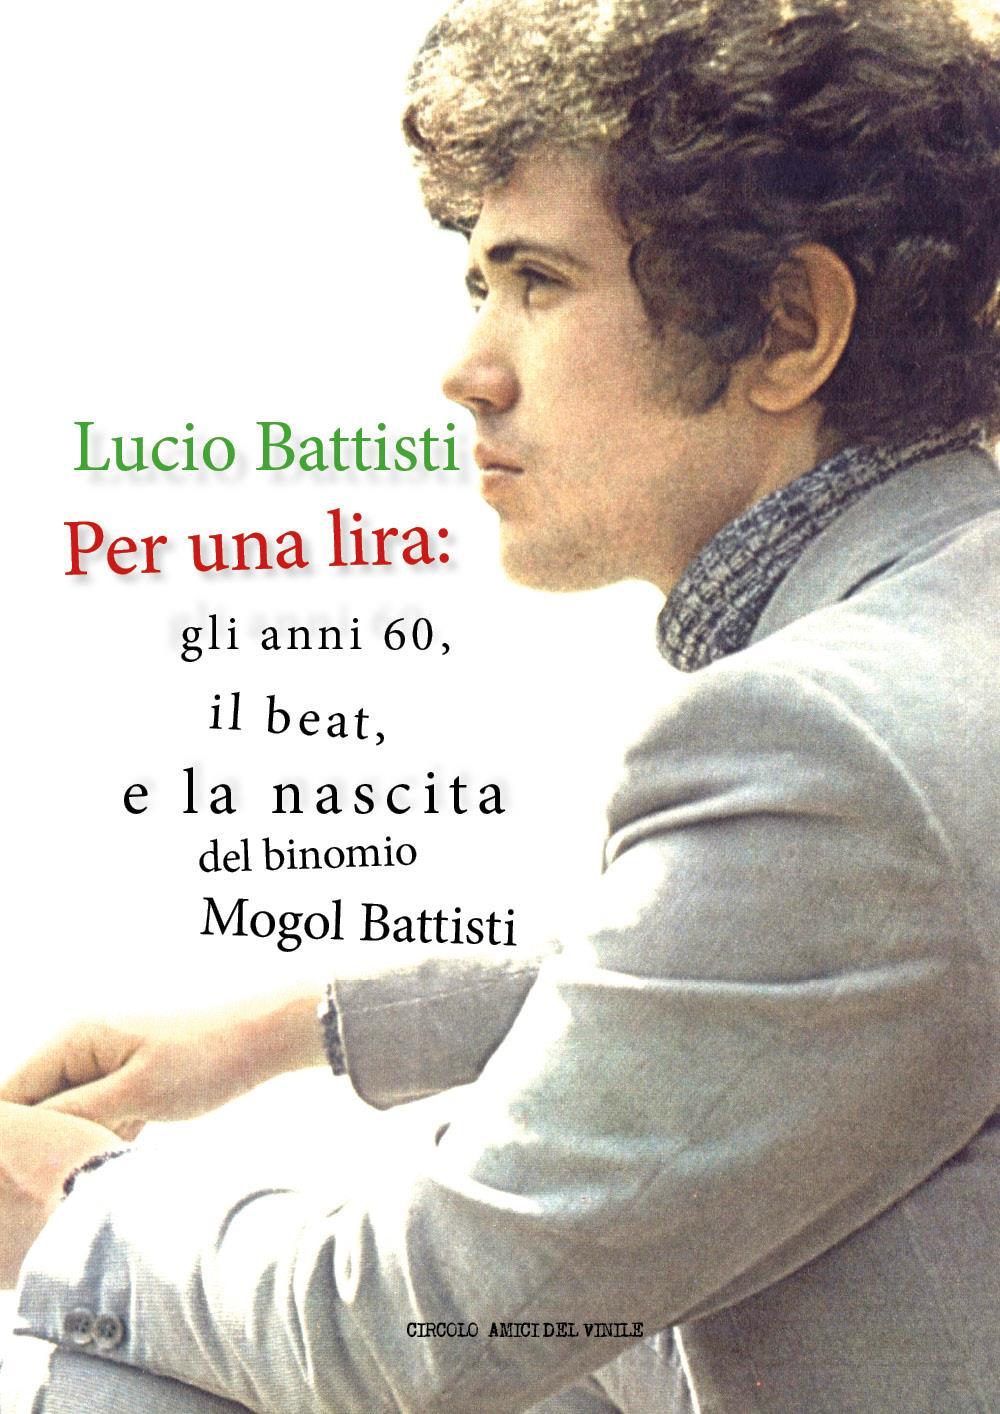 Lucio Battisti - Per una lira: gli anni 60, il beat e la nascita del binomio Mogol Battisti